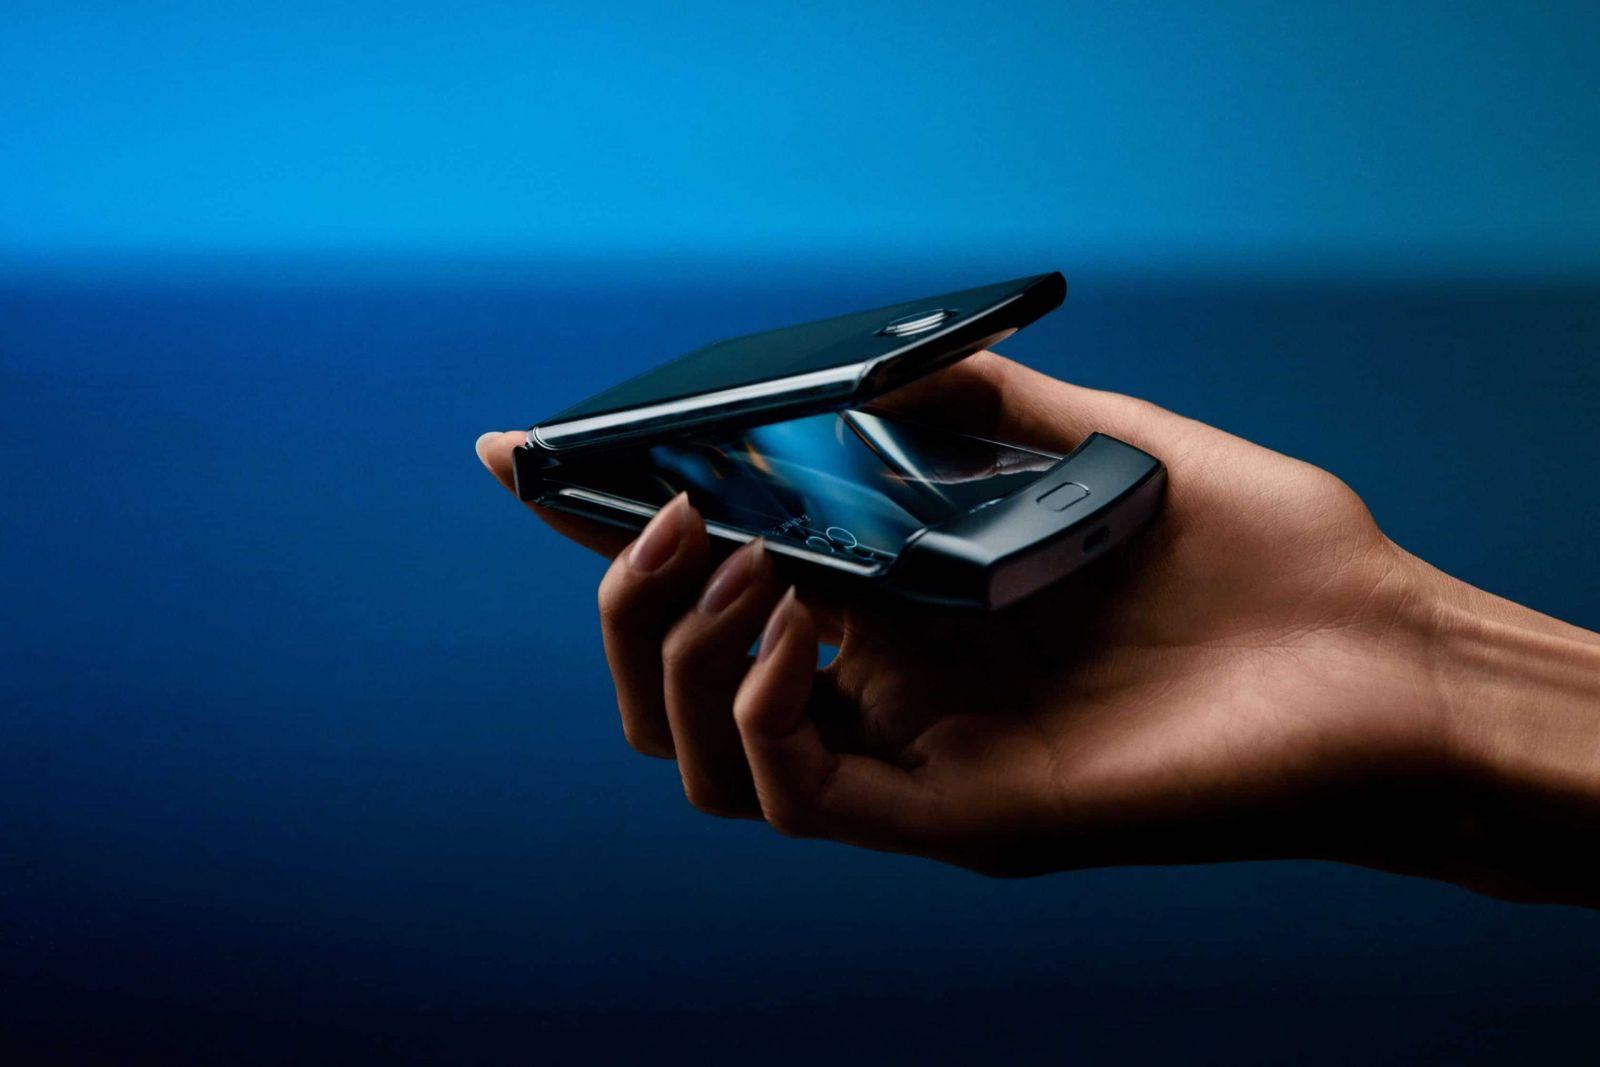 В сеть слили фото смартфона Motorola RAZR (motorola razr 2019 fold scaled)